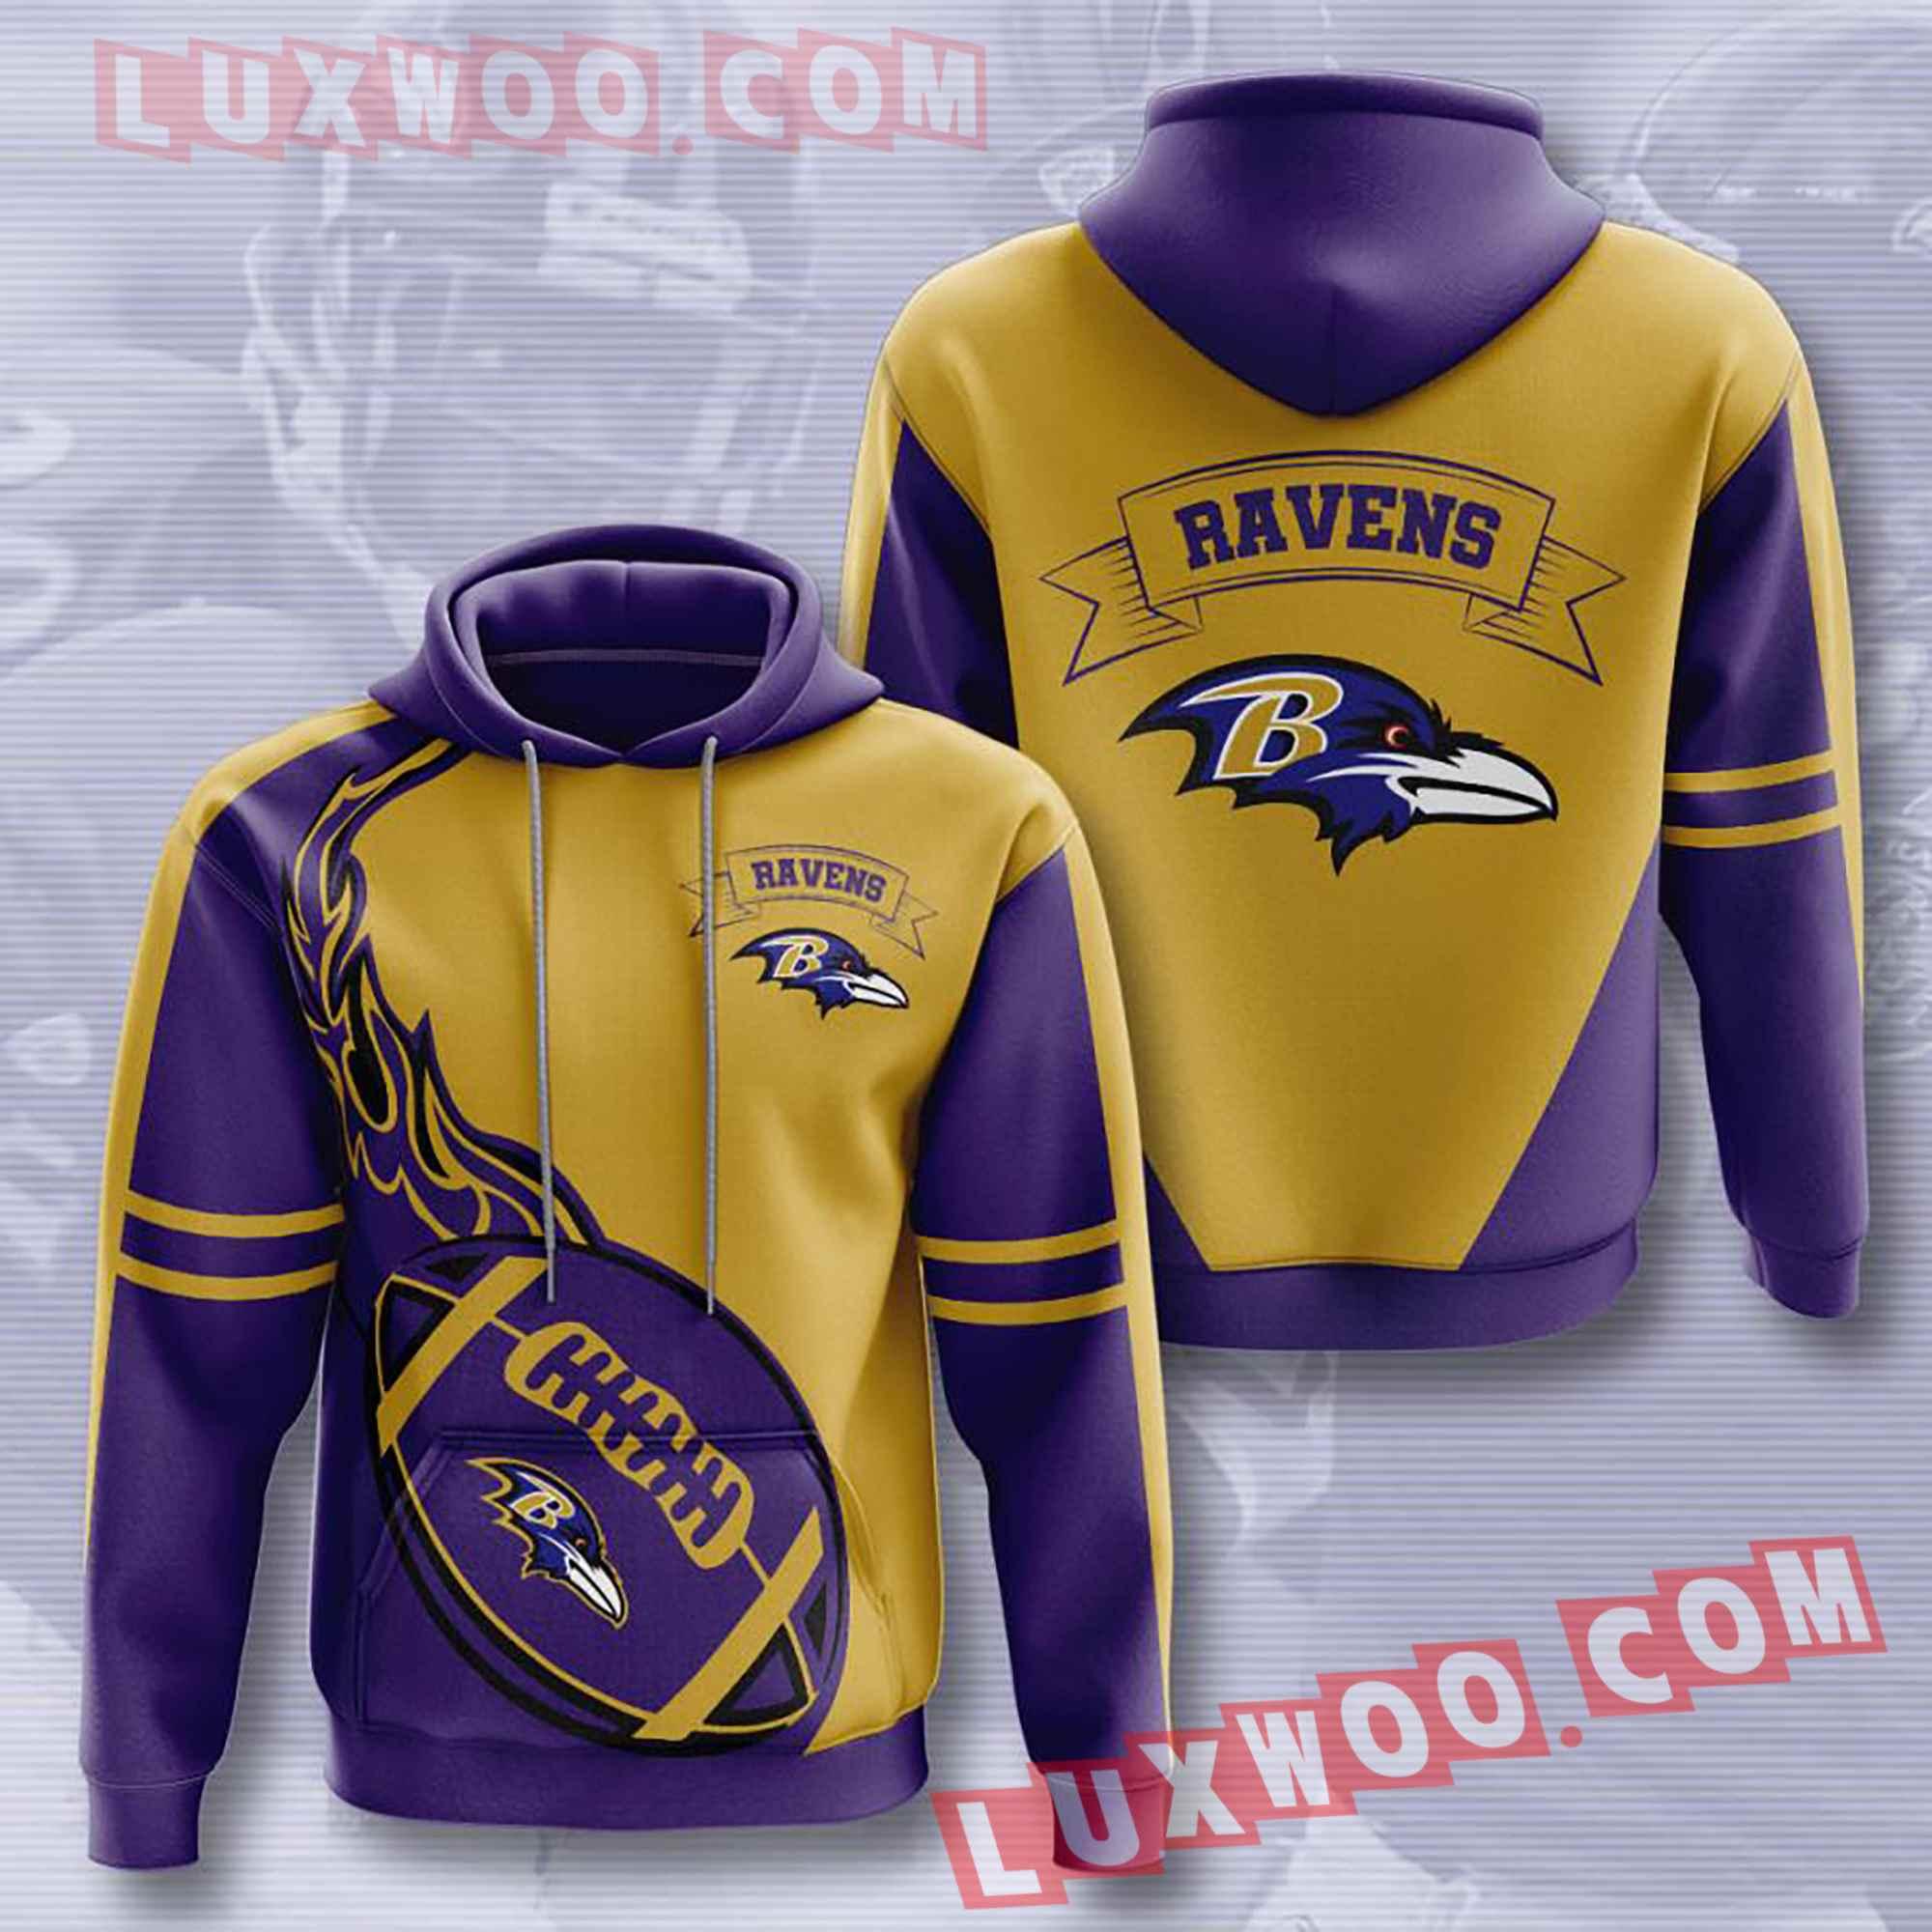 Baltimore Ravens Nfl Custom All Over Print 3d Pullover Hoodie V3